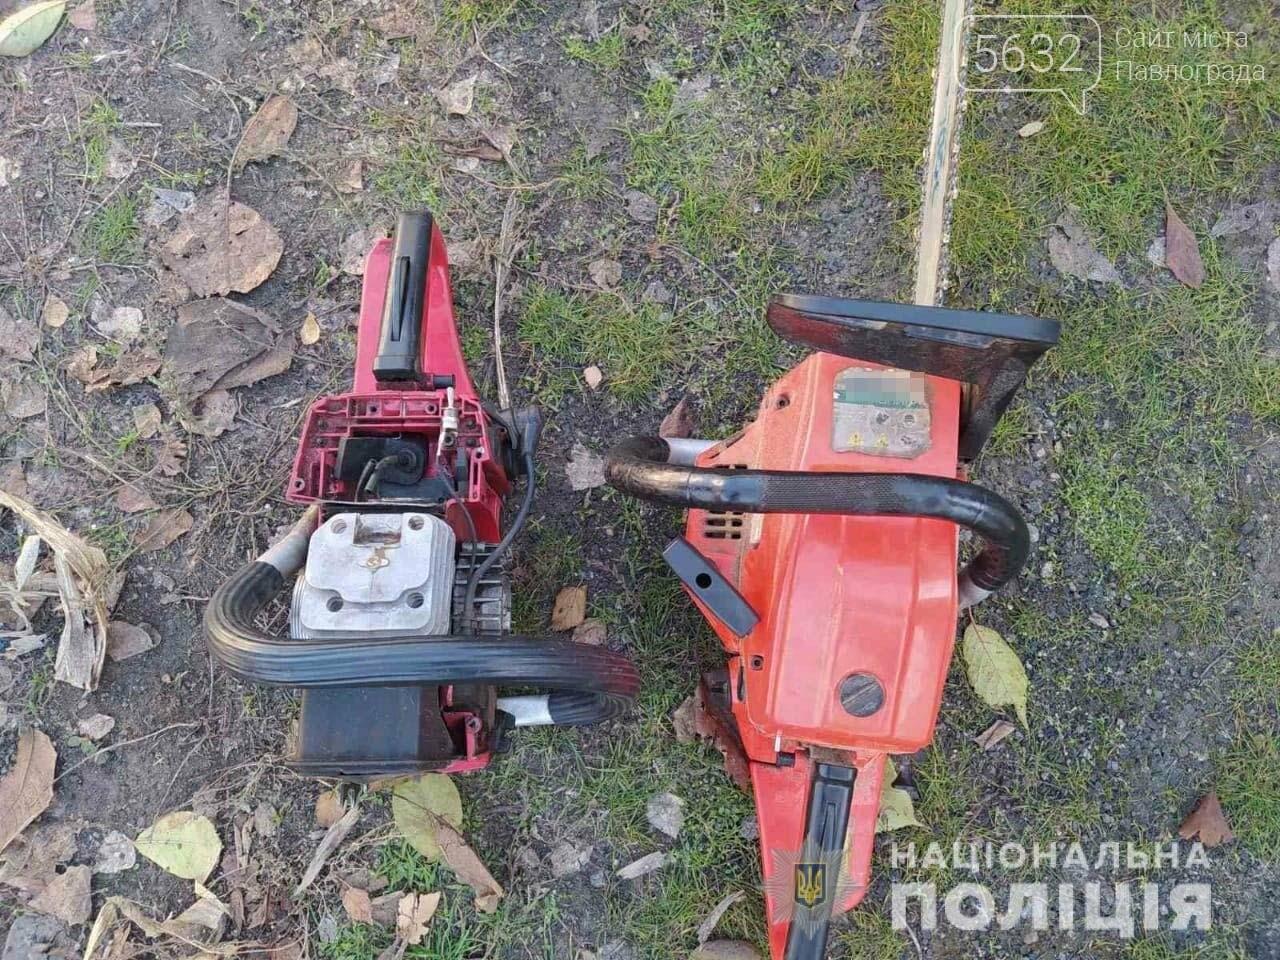 В Петропавловке вор унёс из гаража строительные инструменты, фото-2